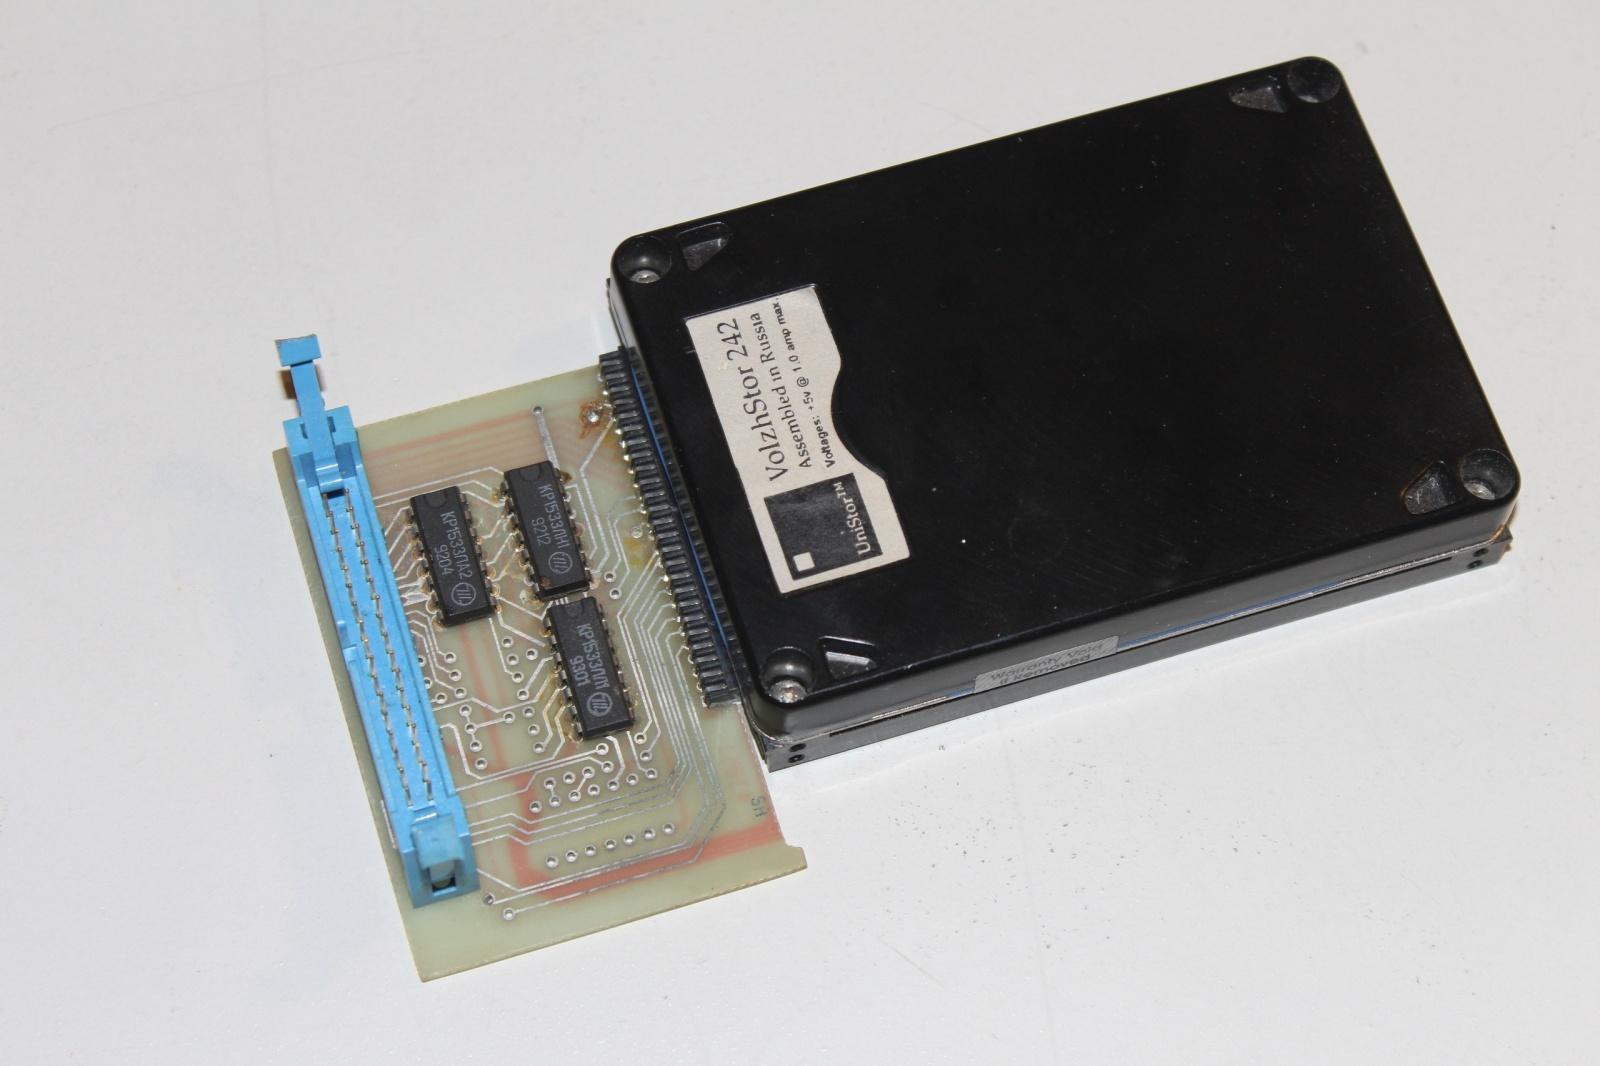 Жесткий диск Волжстор 242 с 1992 года по лицензии собирался Волжским заводом электронной-вычислительной техники